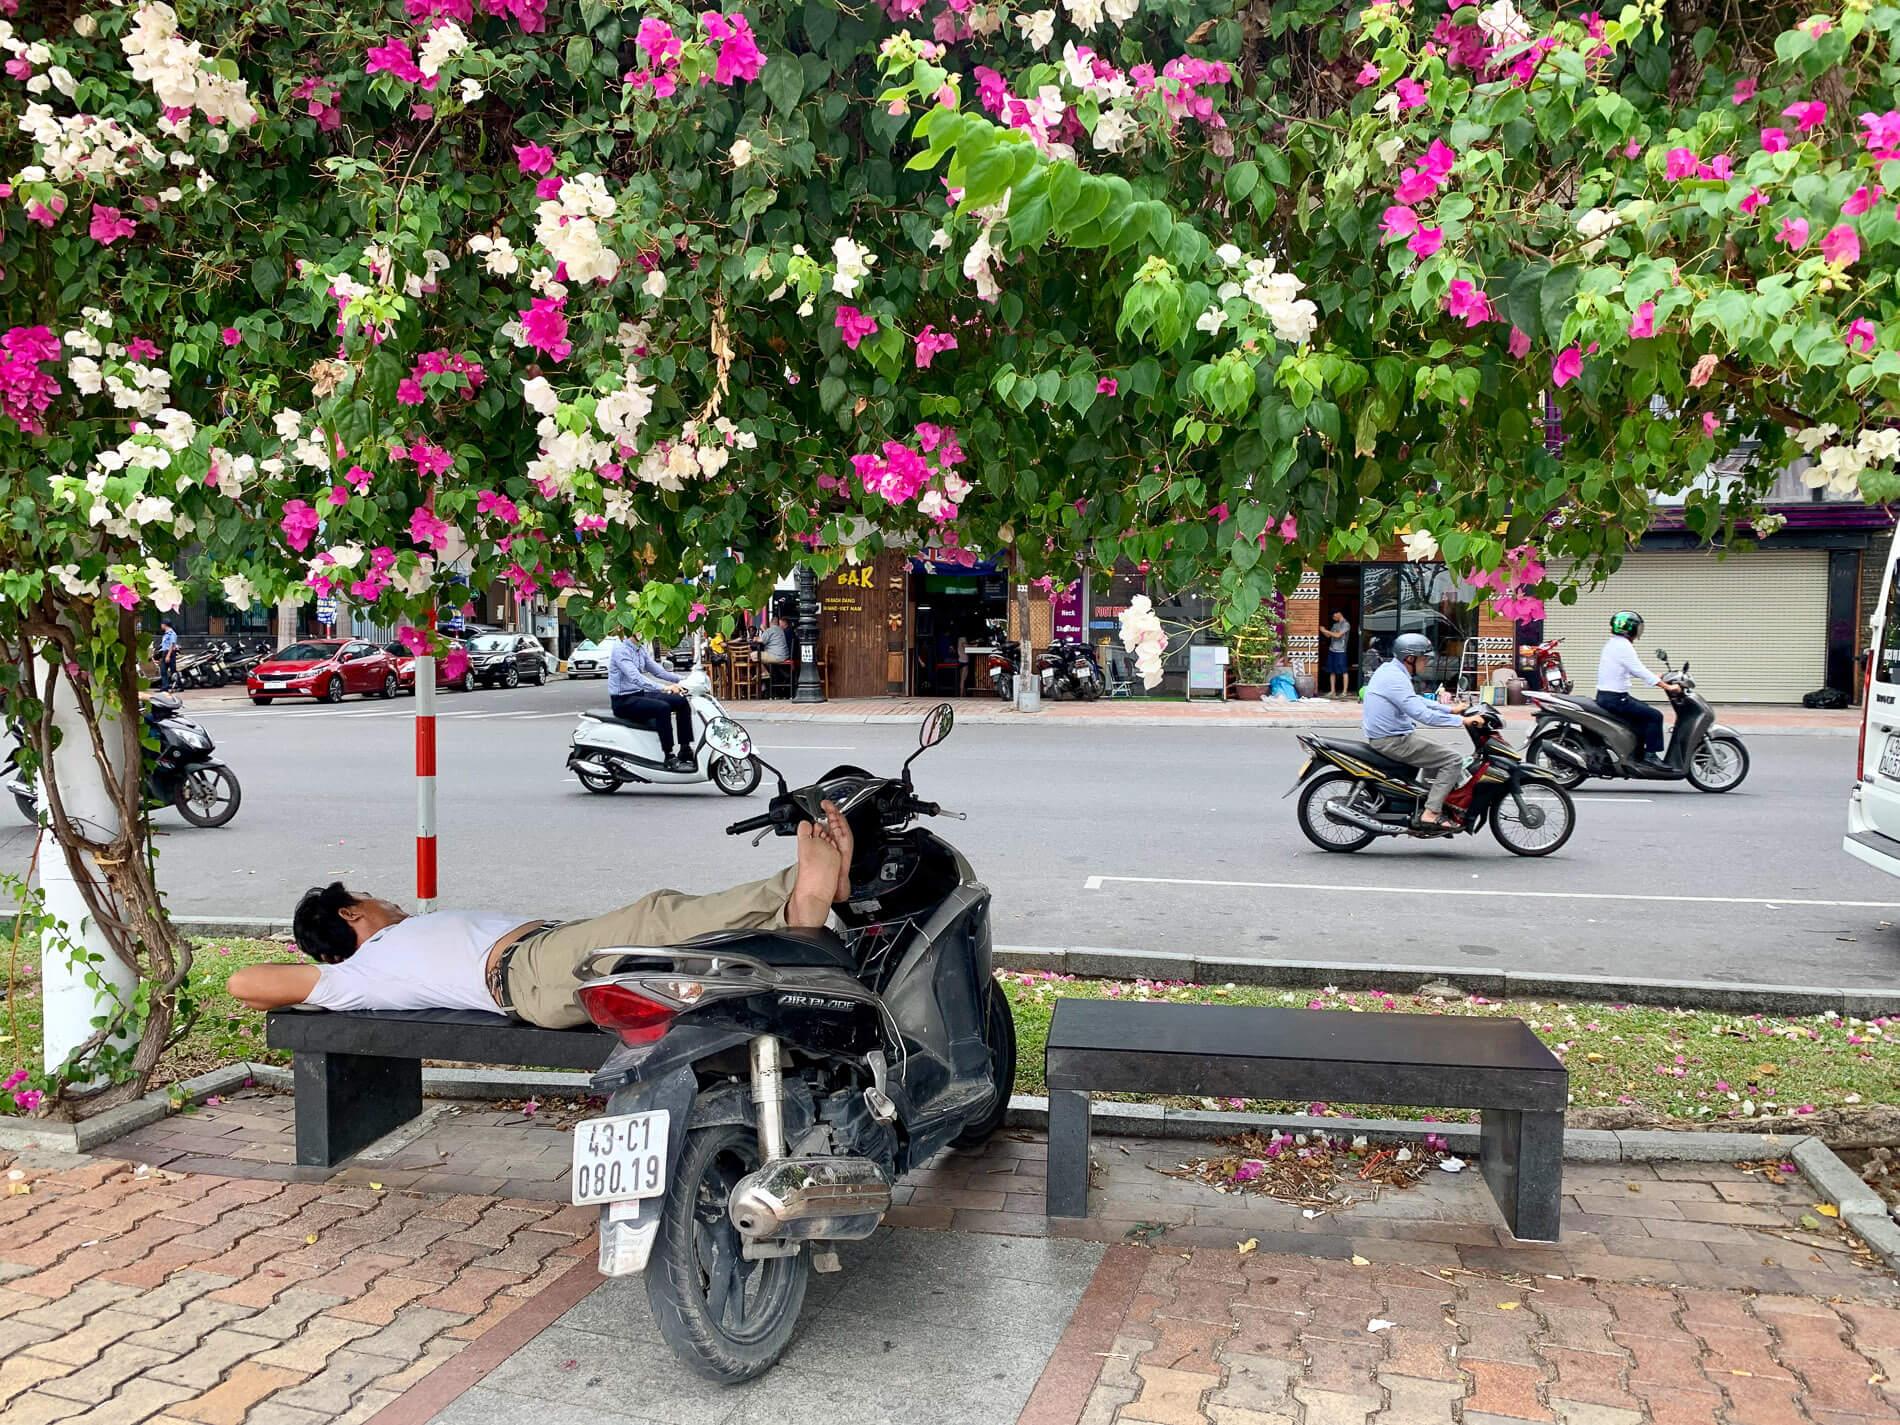 A man relaxing during a hot day in Da Nang